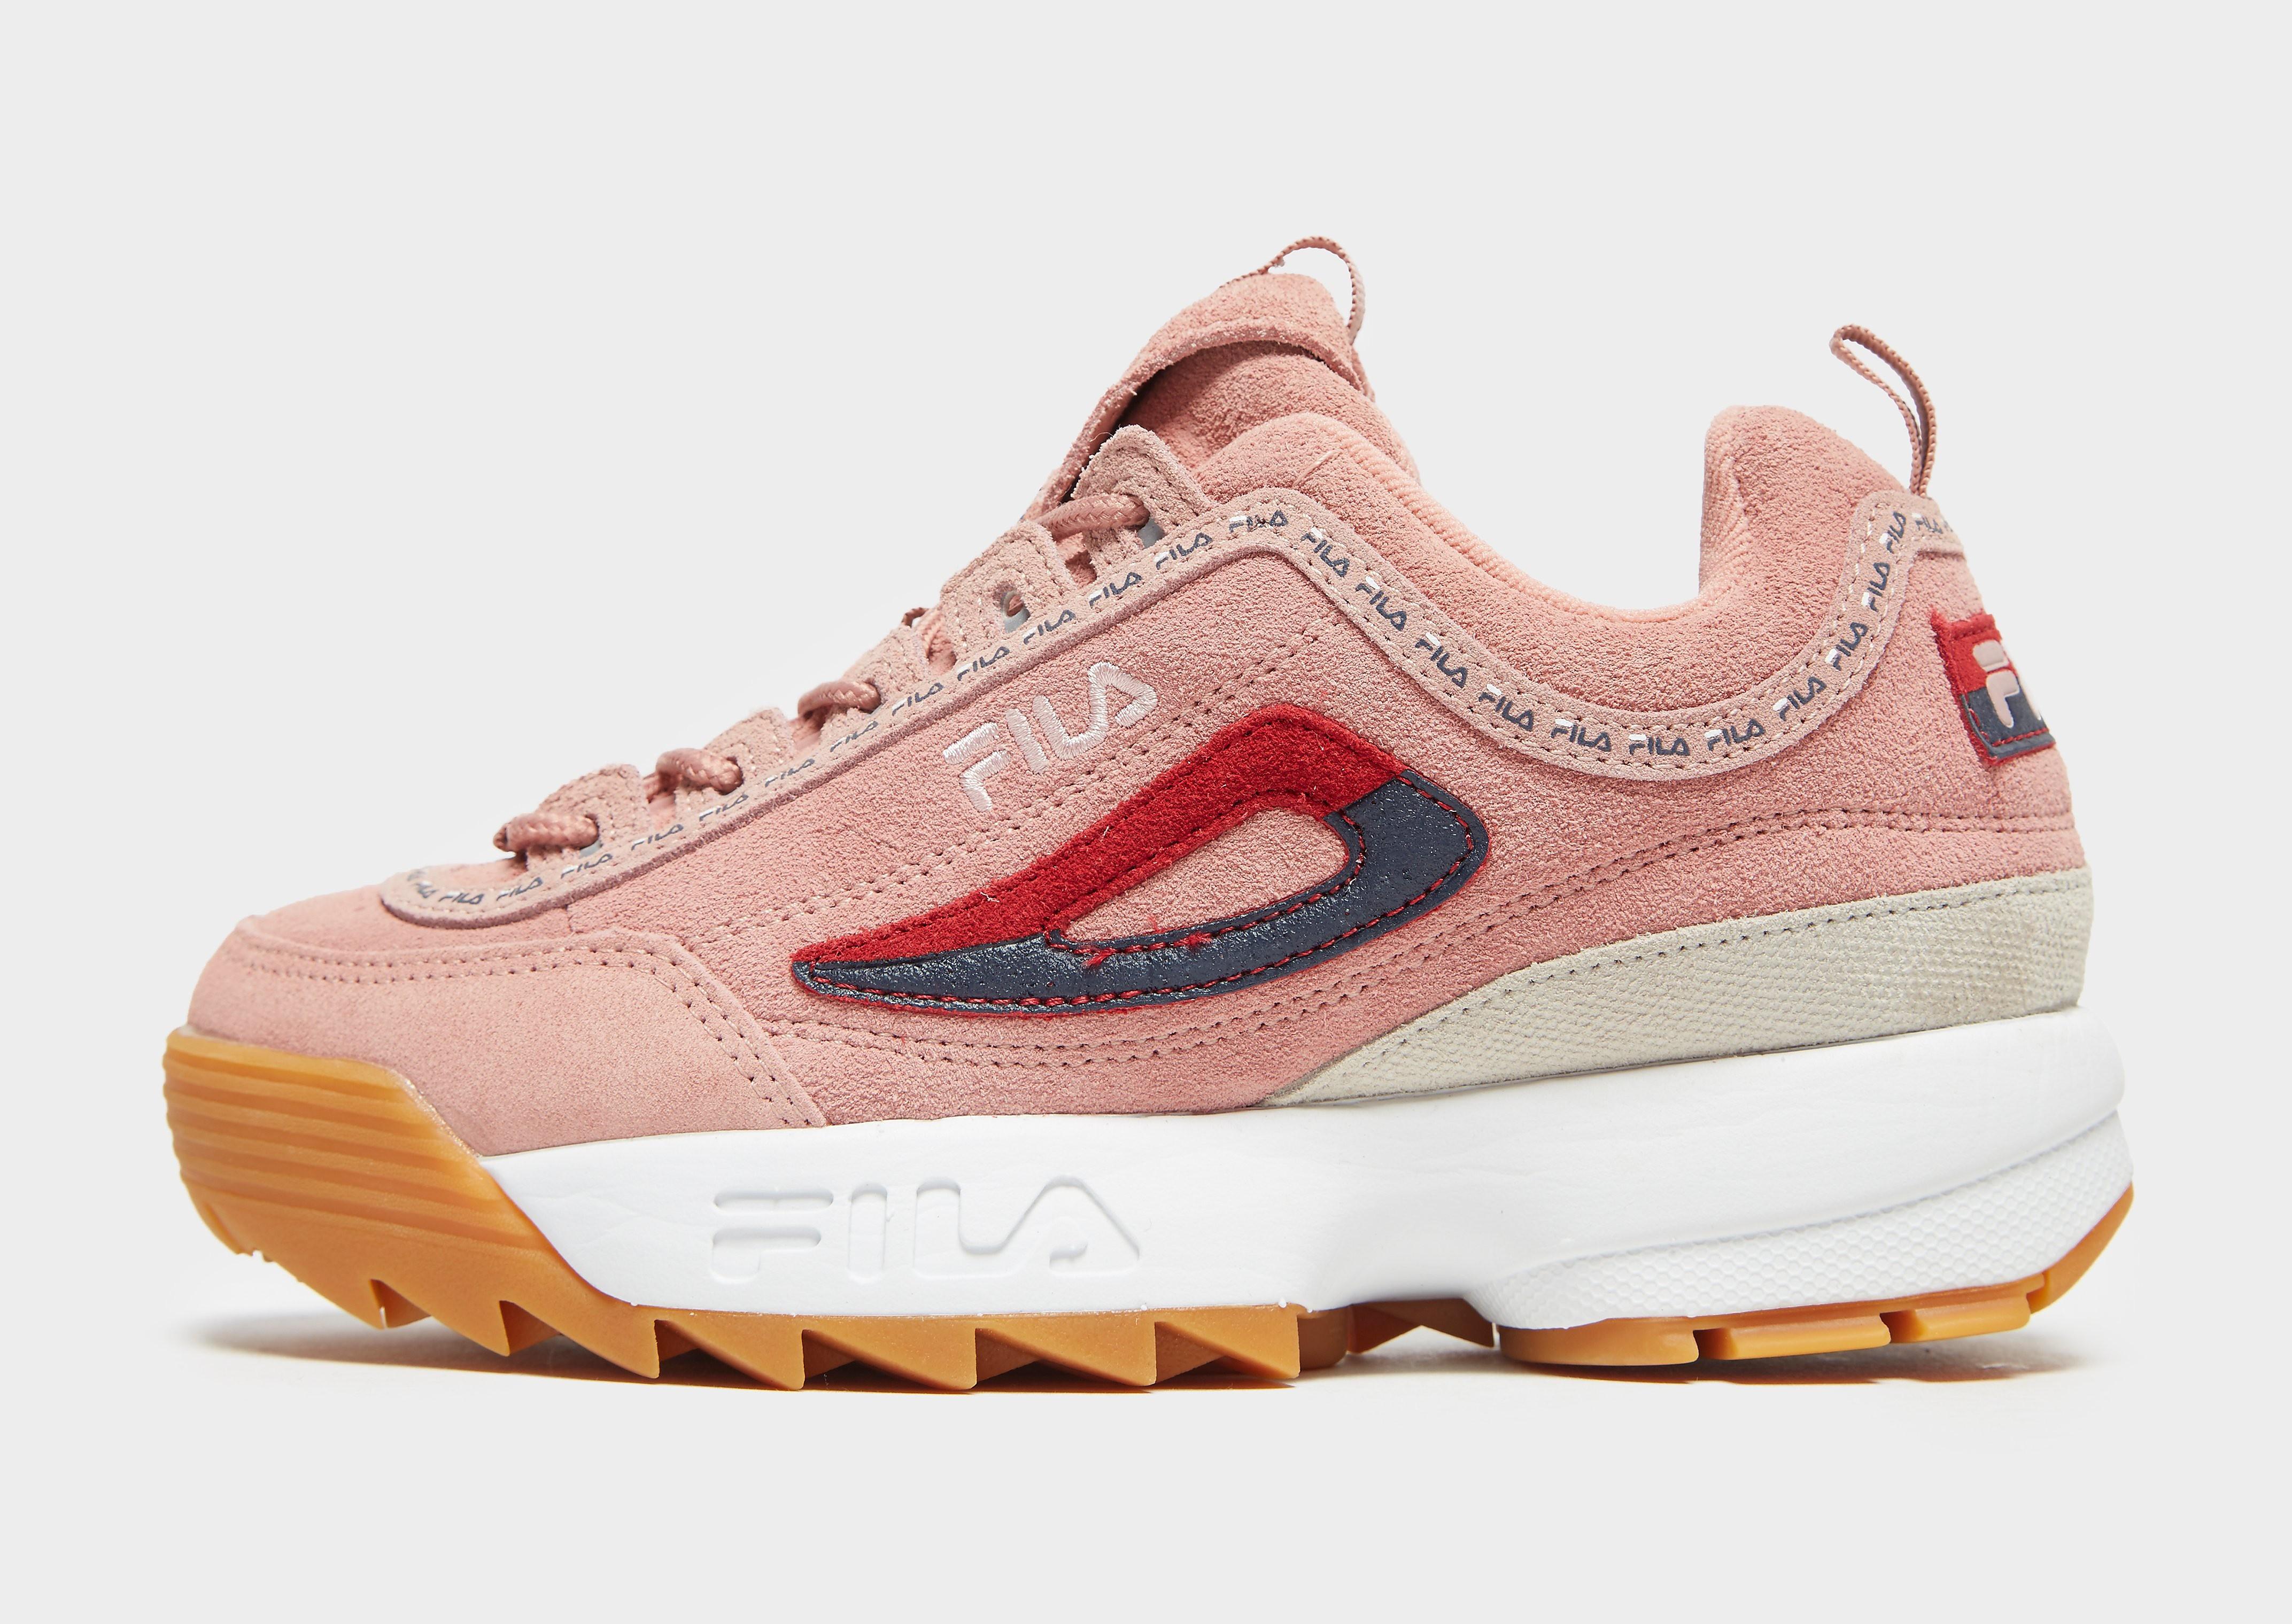 Sneaker Fila Fila Disruptor II Repeat para mujer